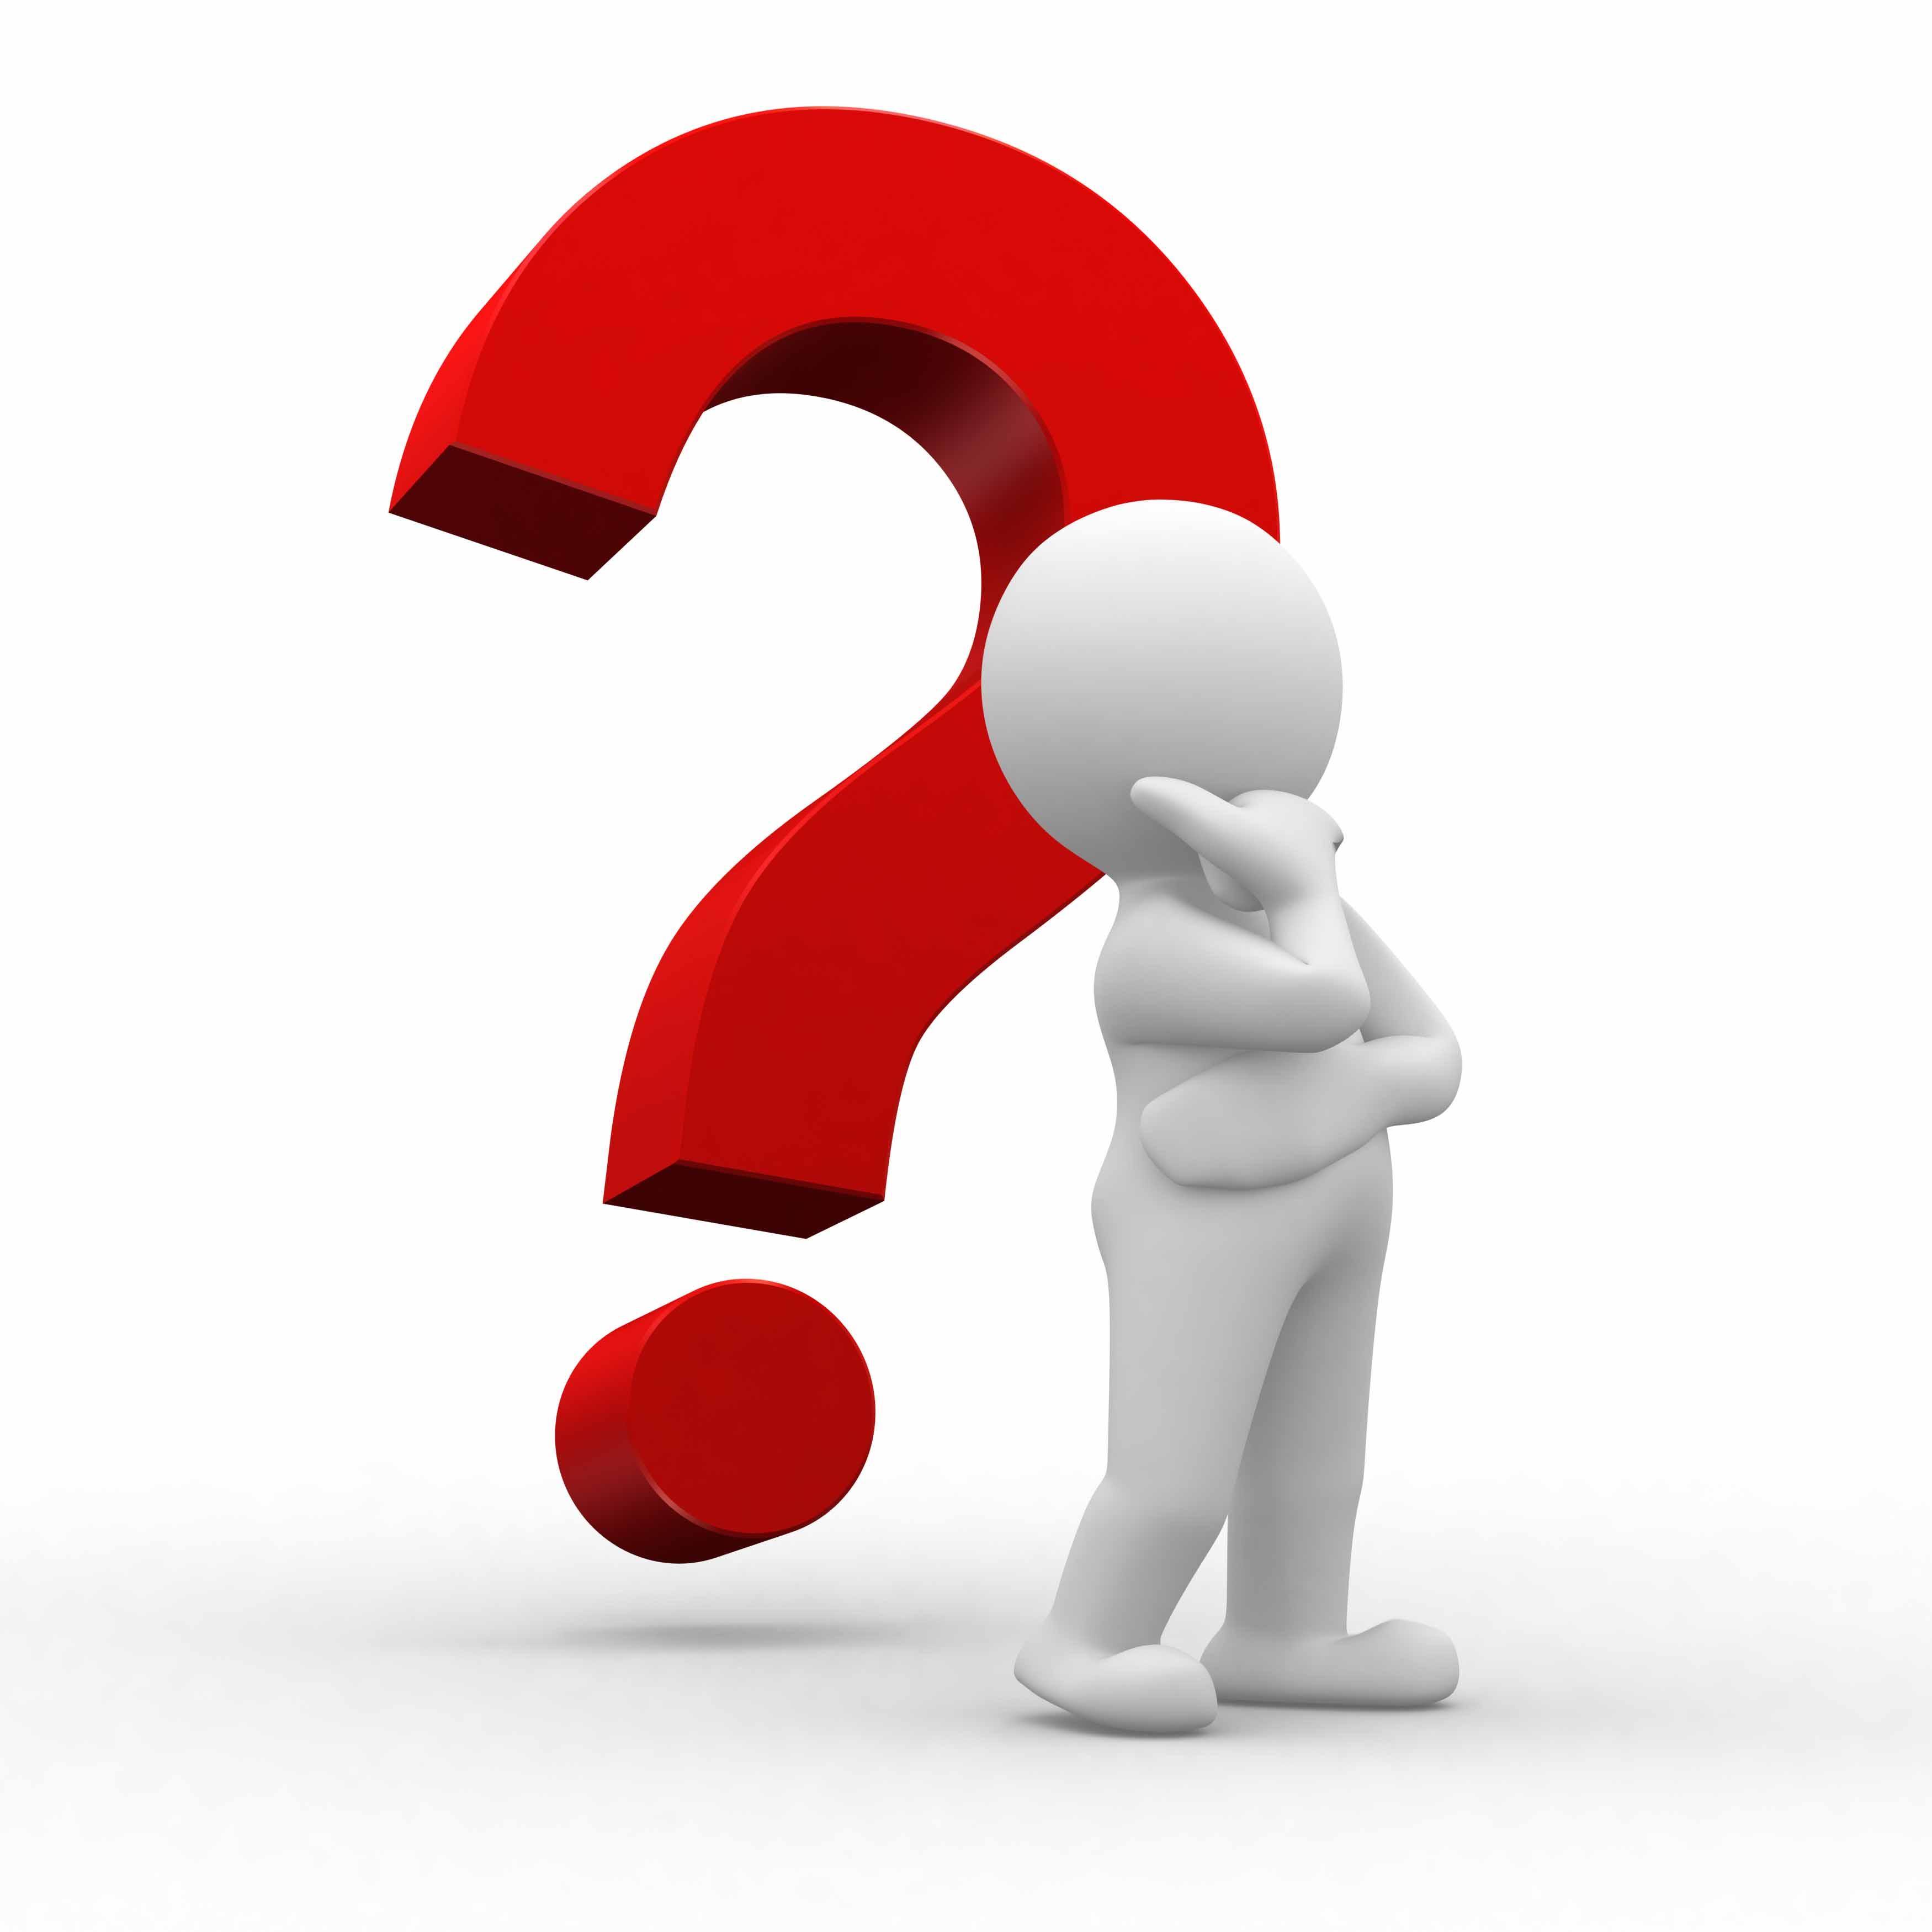 سوالات متداول(1)